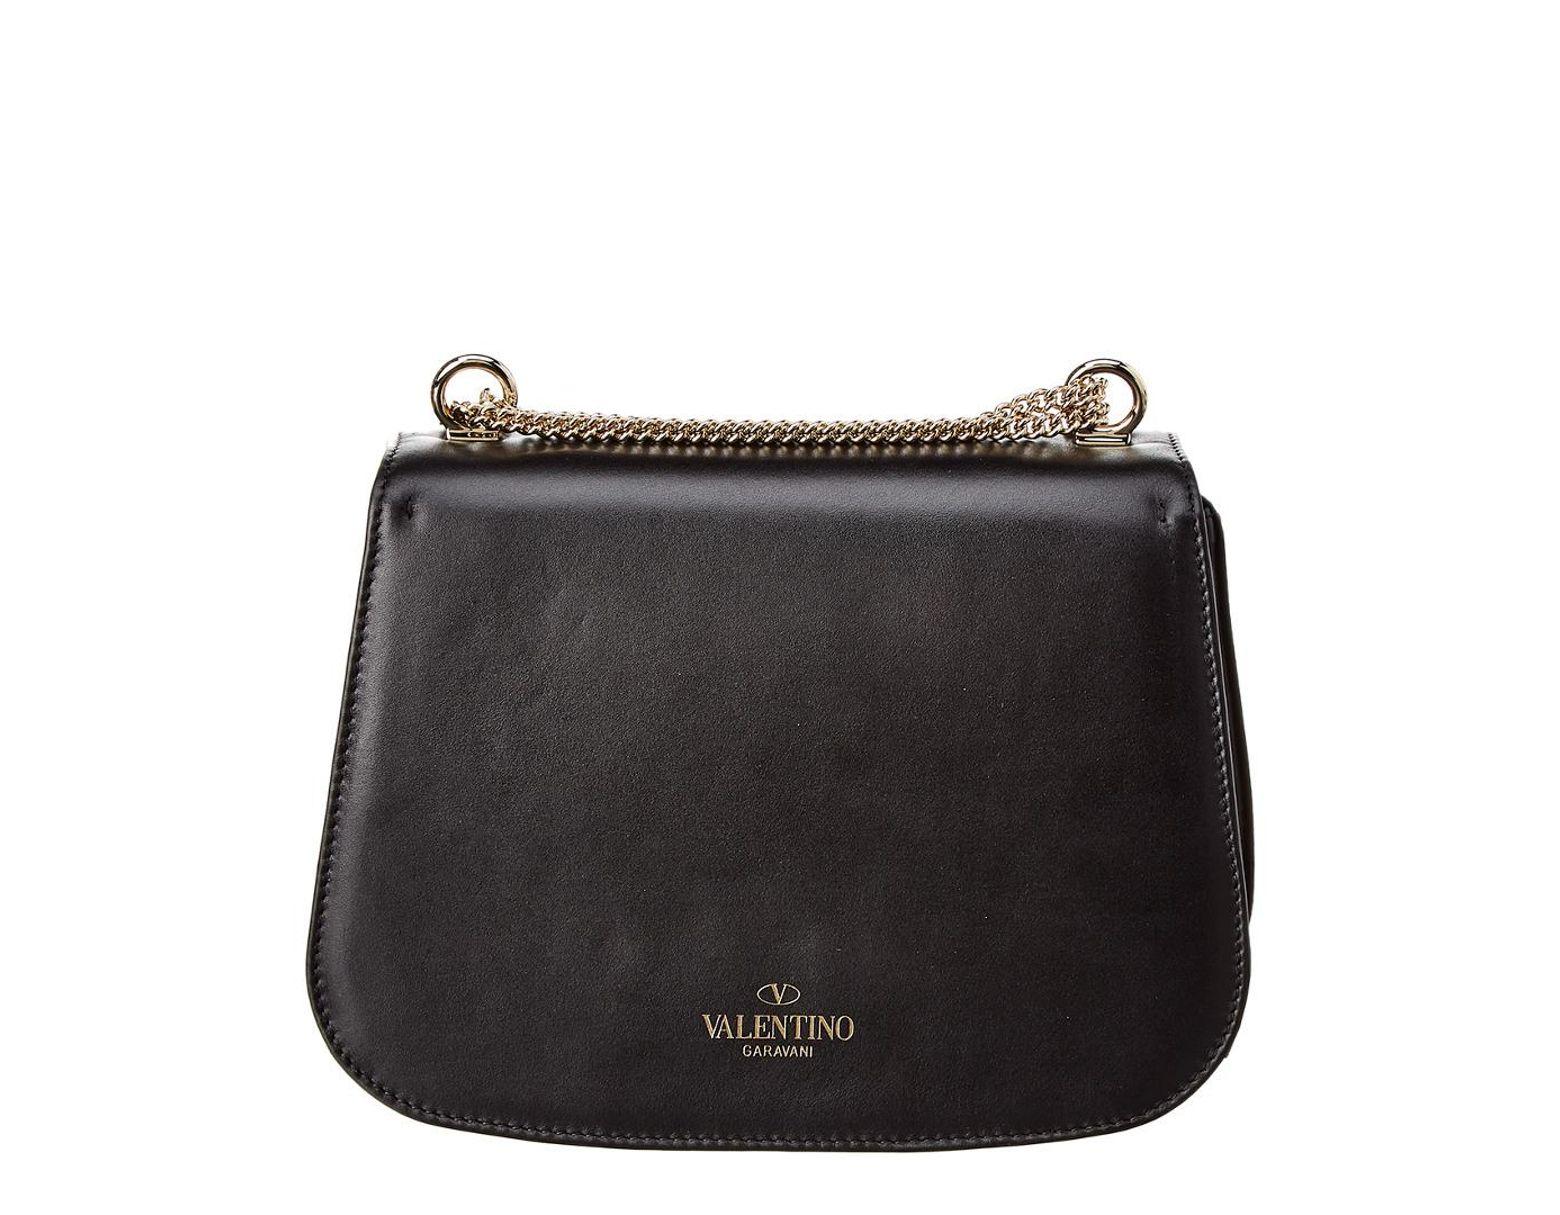 478b97330 Valentino Vltn Shoulder Strap Leather Saddle Bag in Black - Lyst